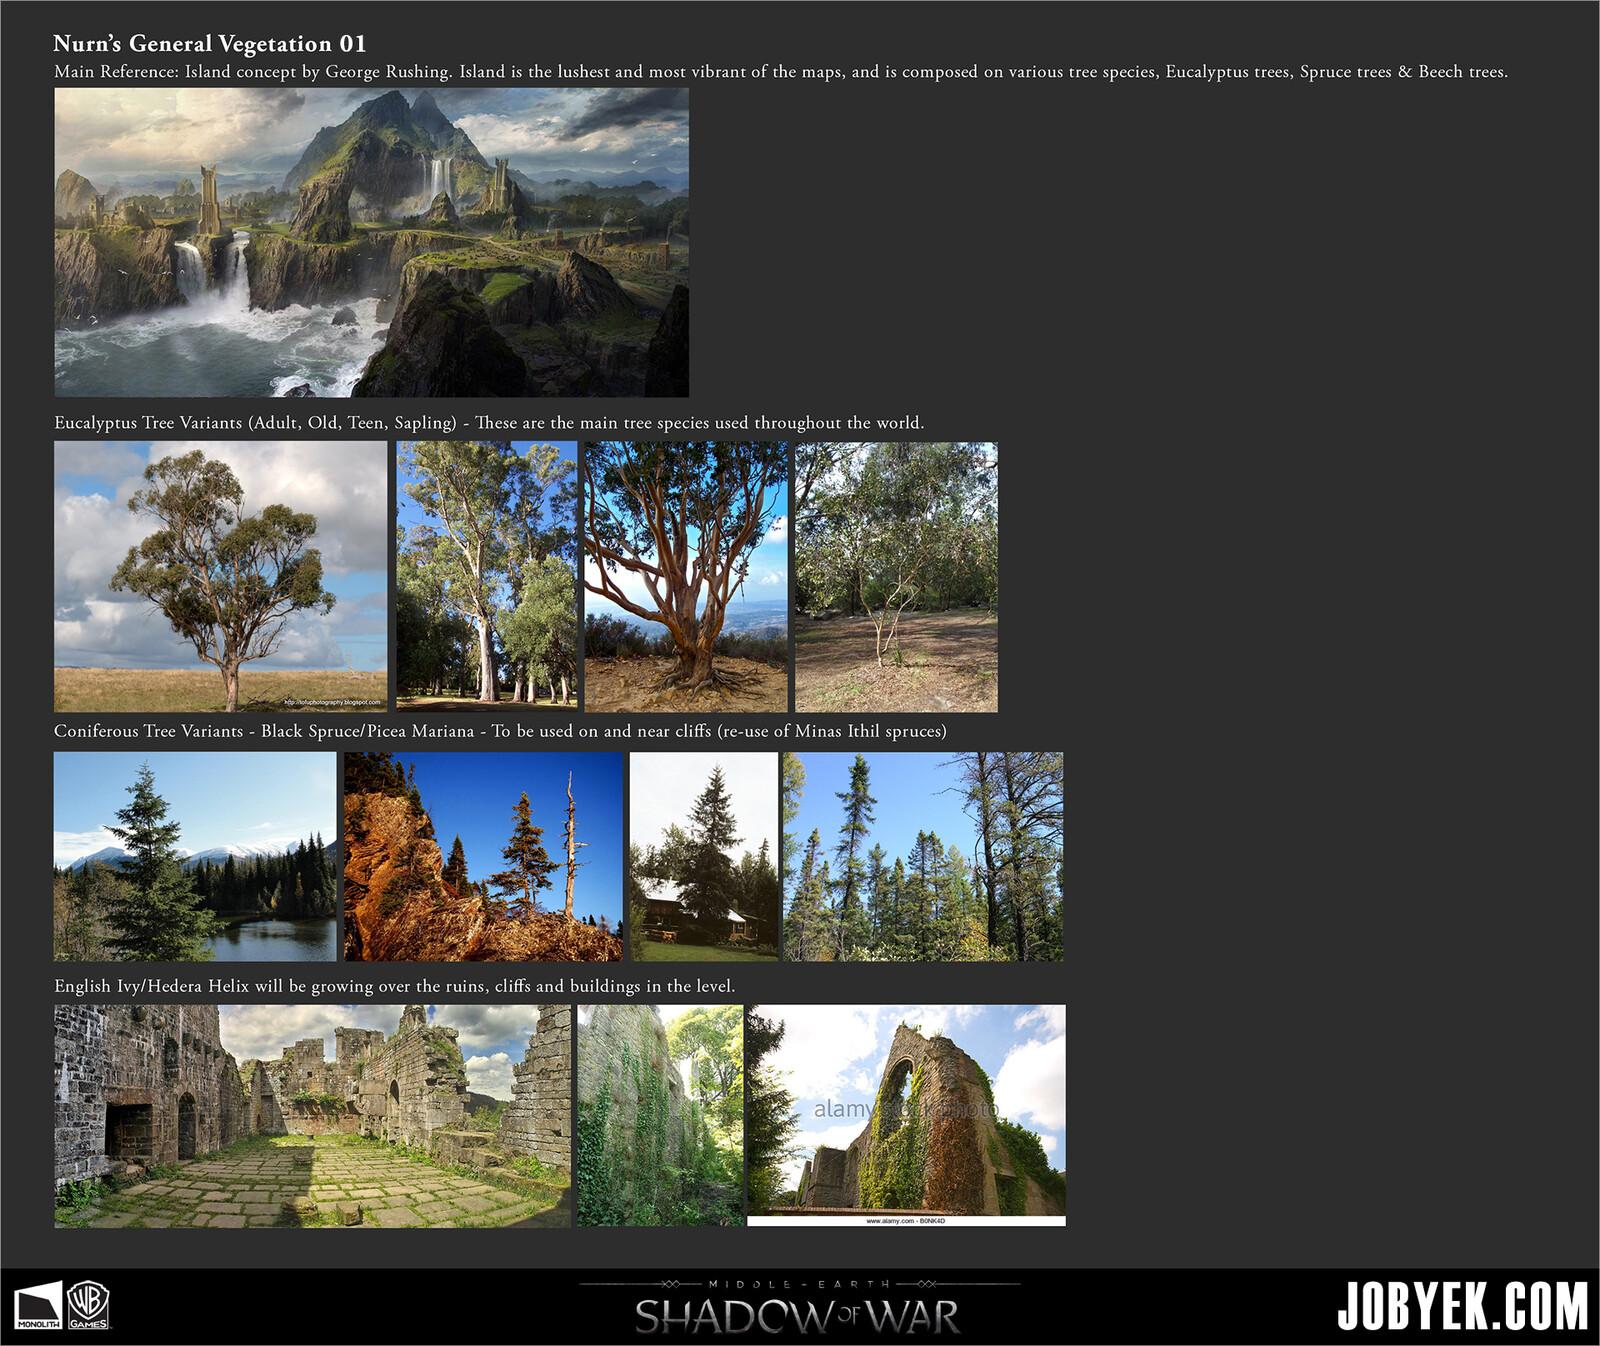 Stylesheet Part 1 for Nurnen's general vegetation